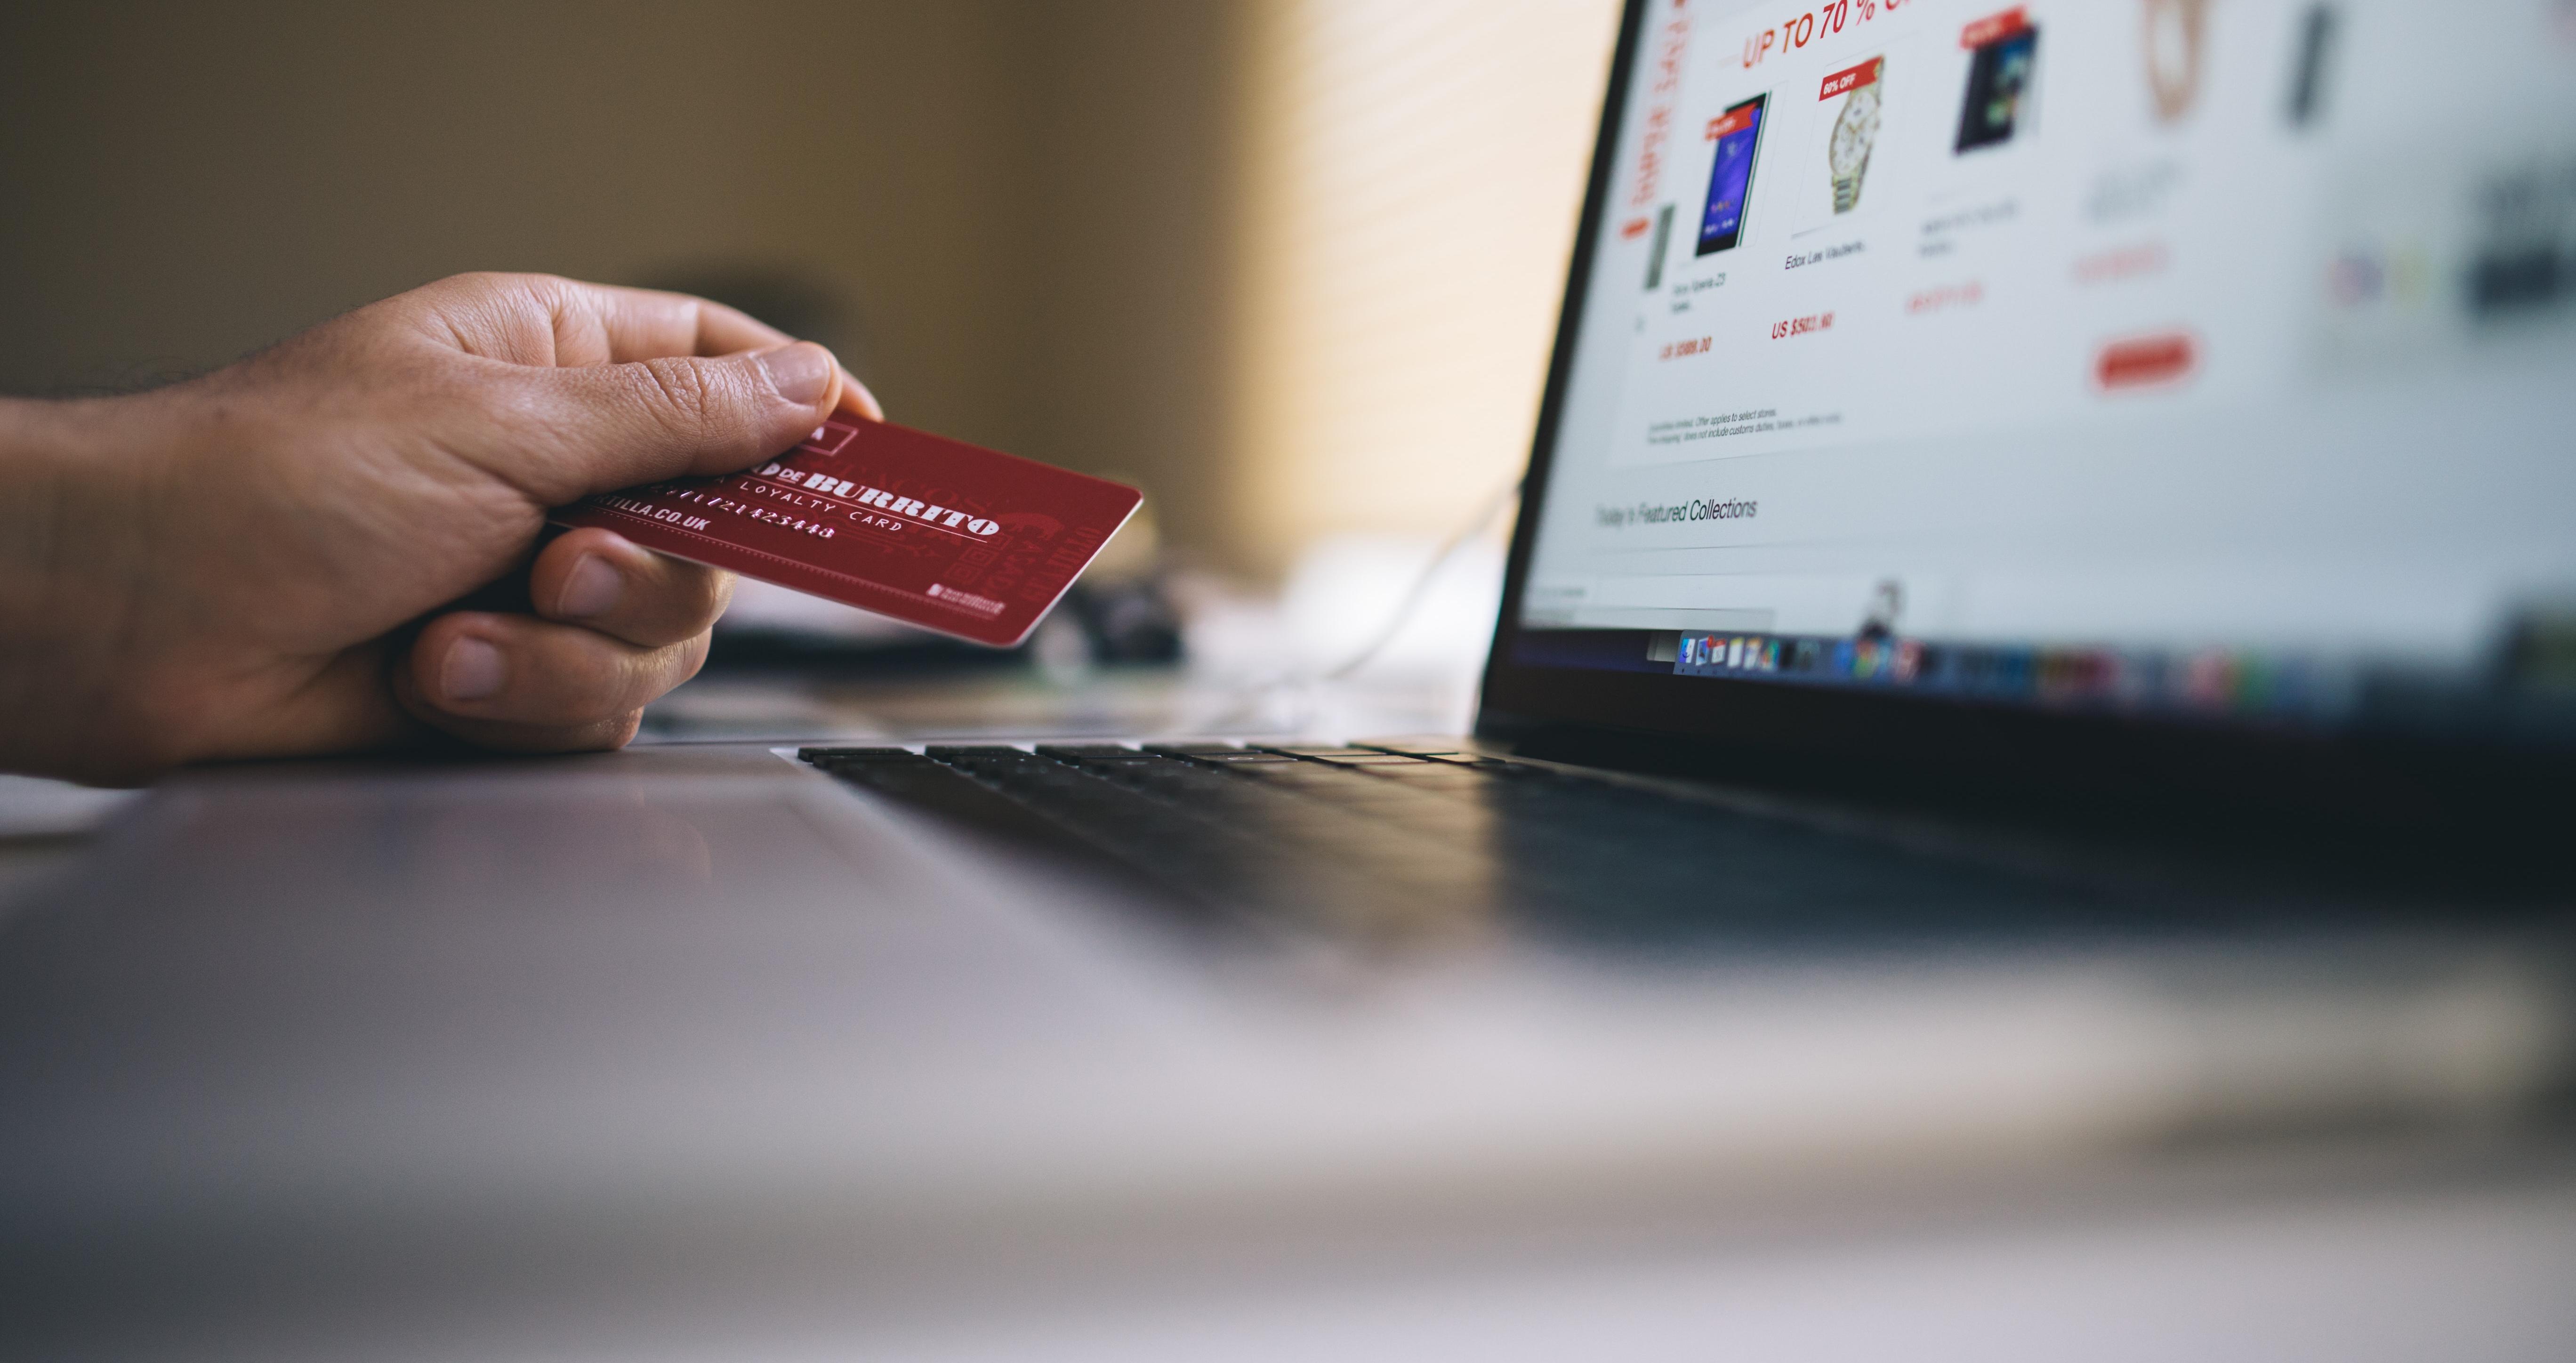 1 em cada 3 brasileiros tem a possibilidade de fazer compras online